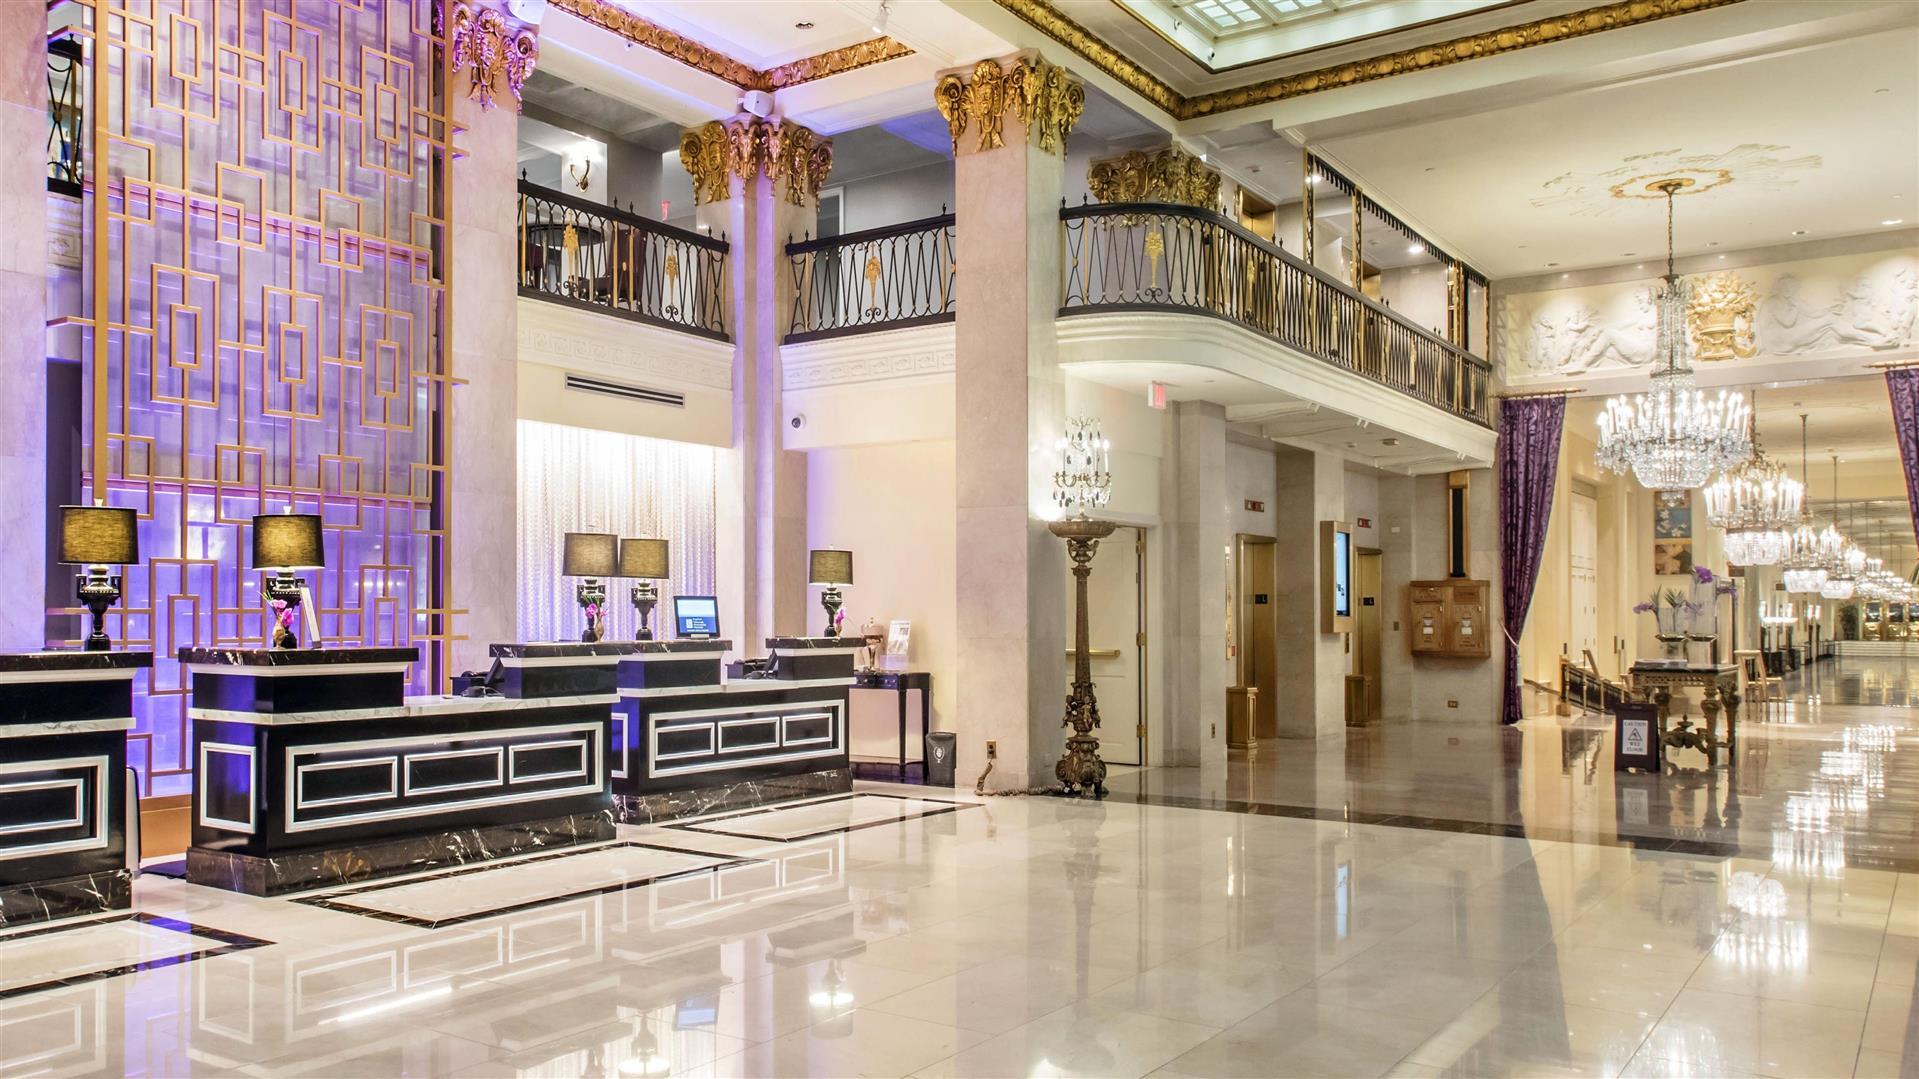 Mayflower Hotel lobby